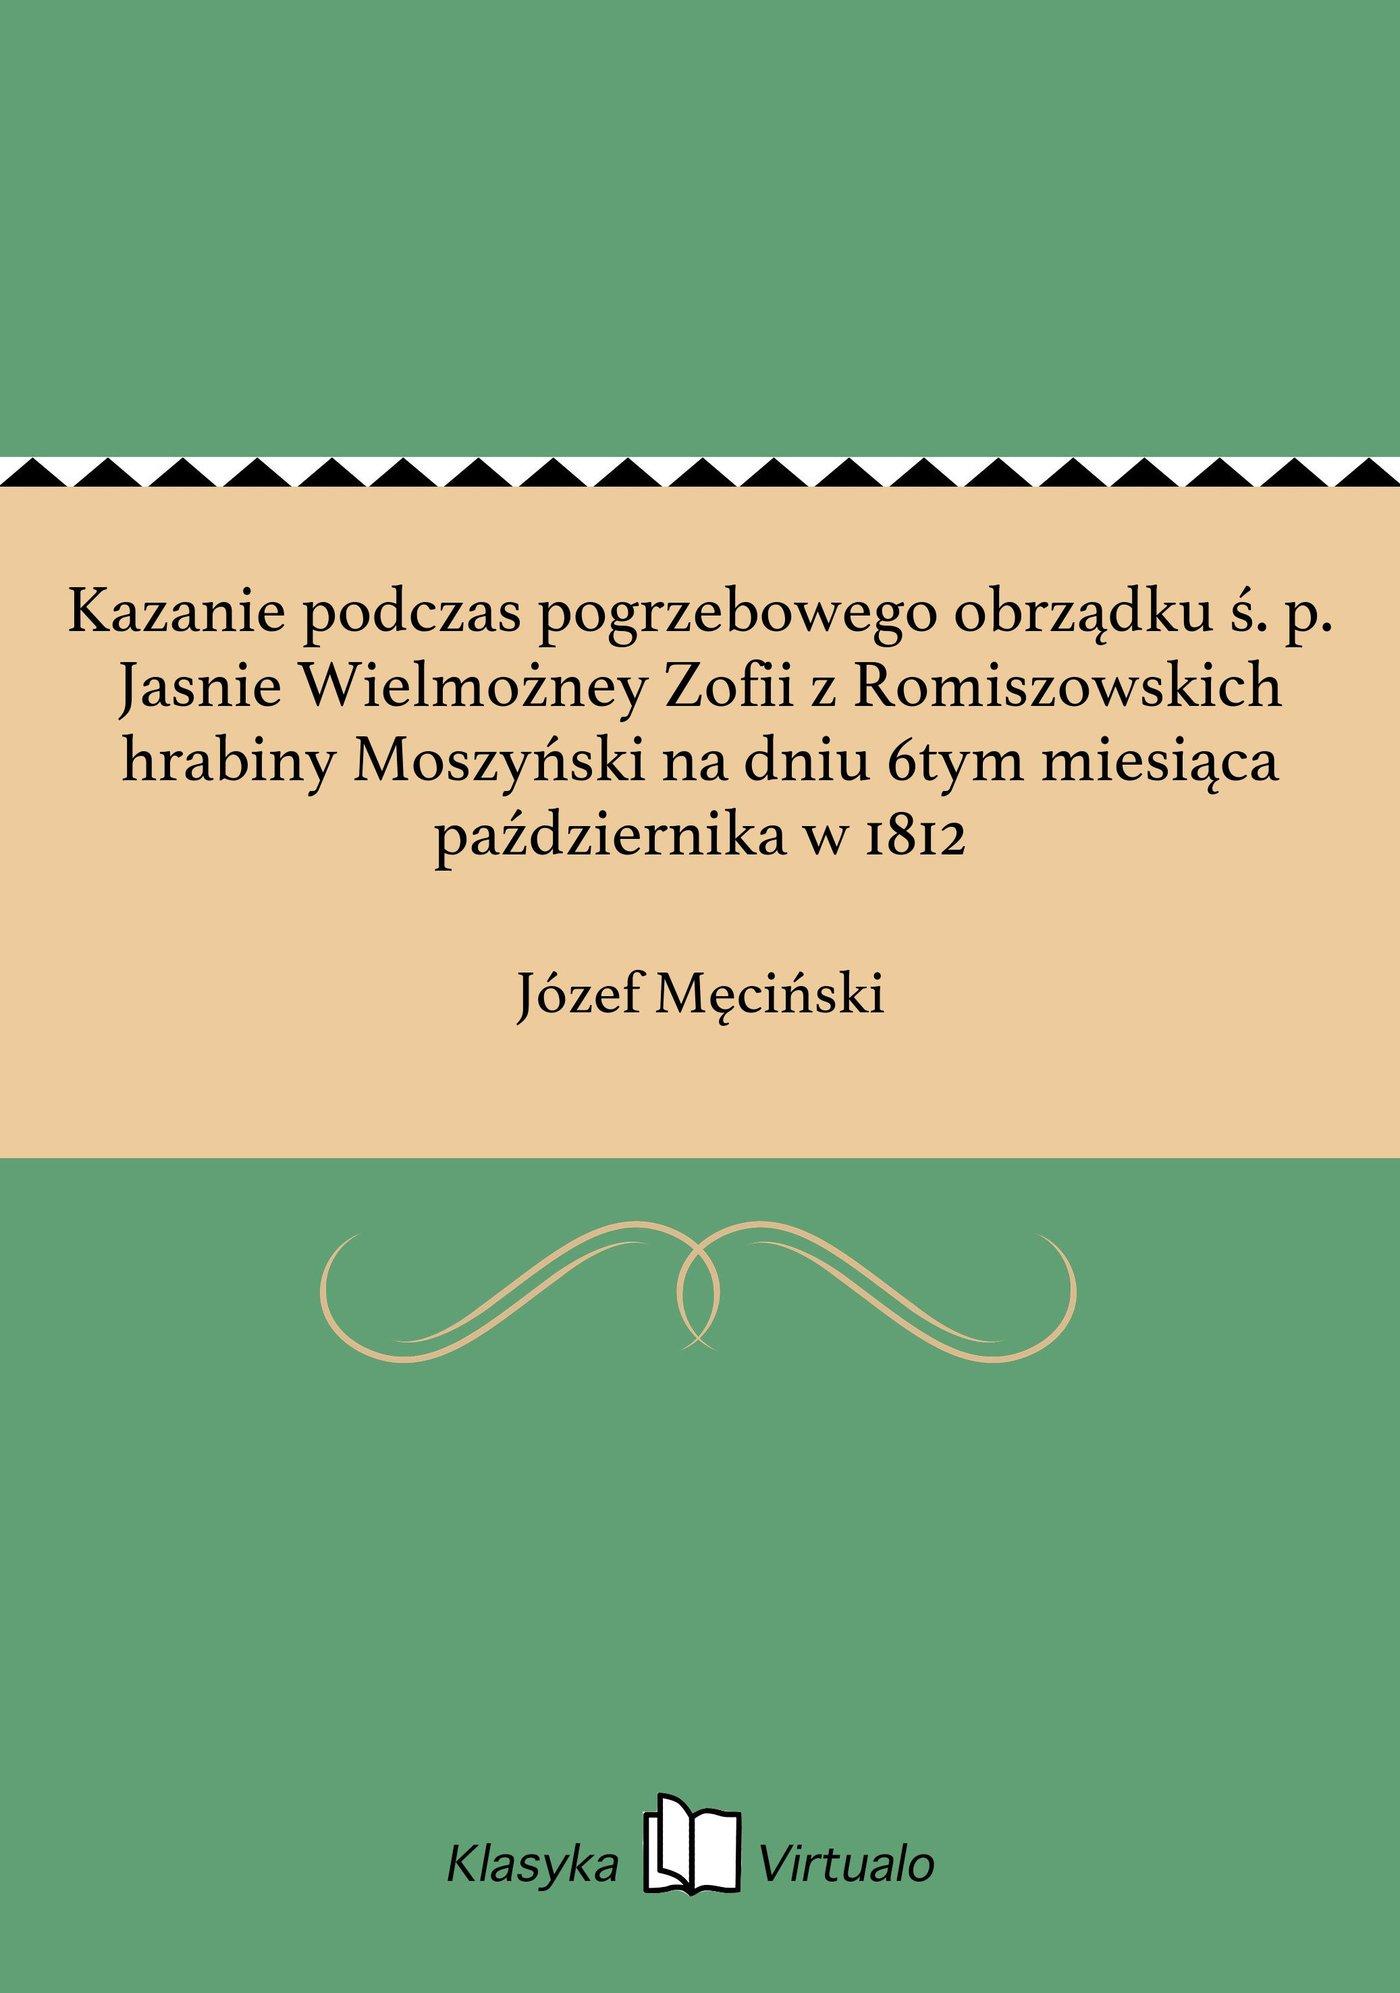 Kazanie podczas pogrzebowego obrządku ś. p. Jasnie Wielmożney Zofii z Romiszowskich hrabiny Moszyński na dniu 6tym miesiąca października w 1812 - Ebook (Książka na Kindle) do pobrania w formacie MOBI